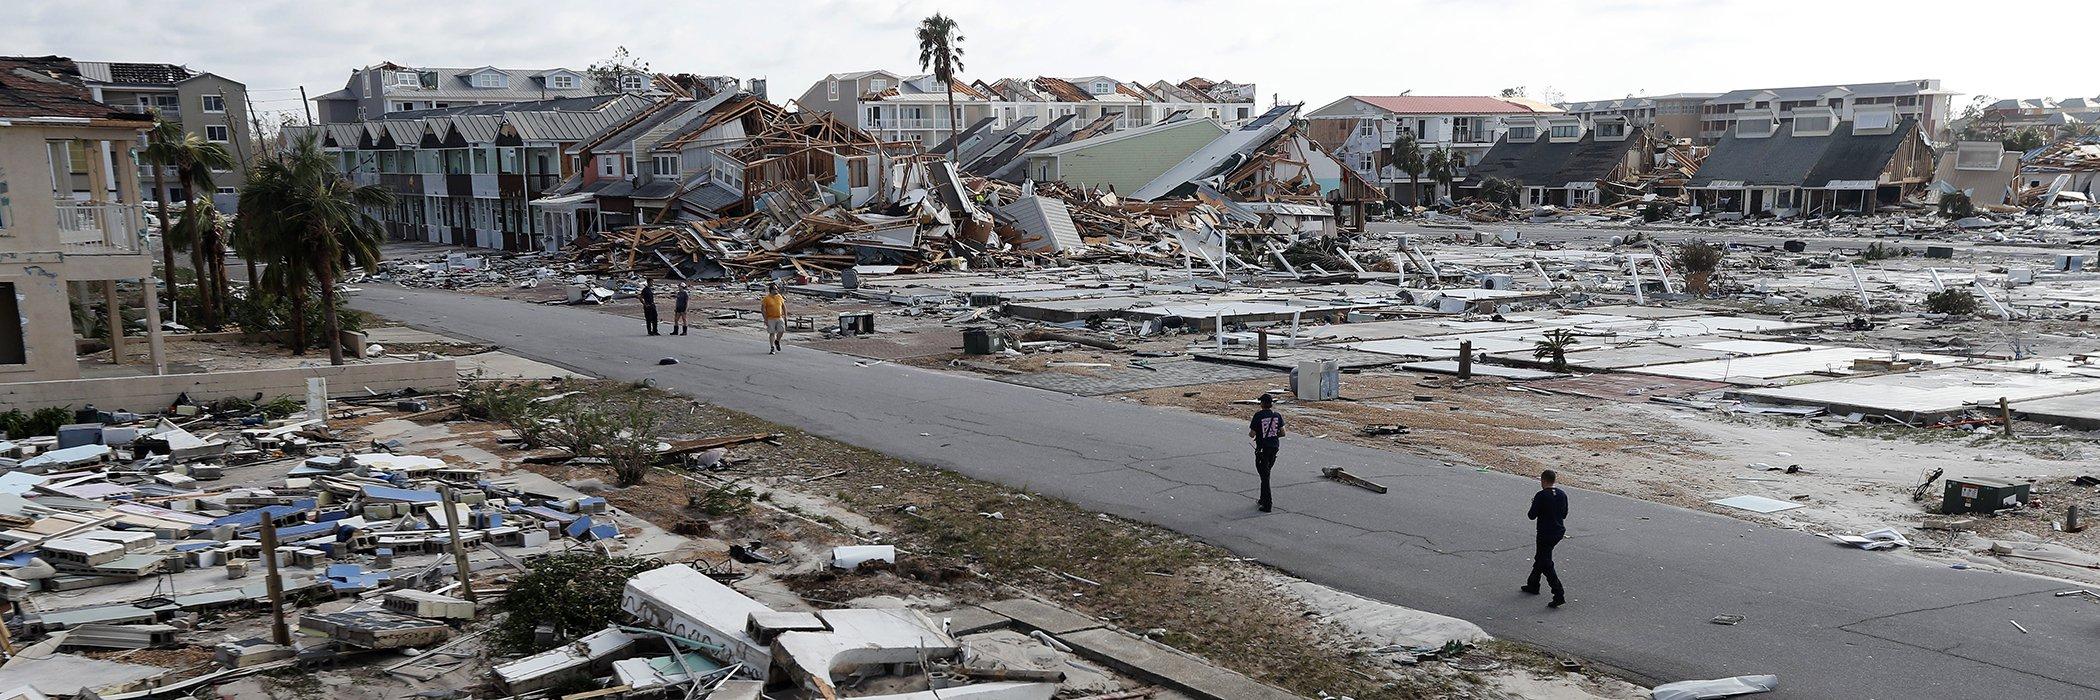 Hurricane-Michael-Climate-Change-Storm-Destruction.jpg